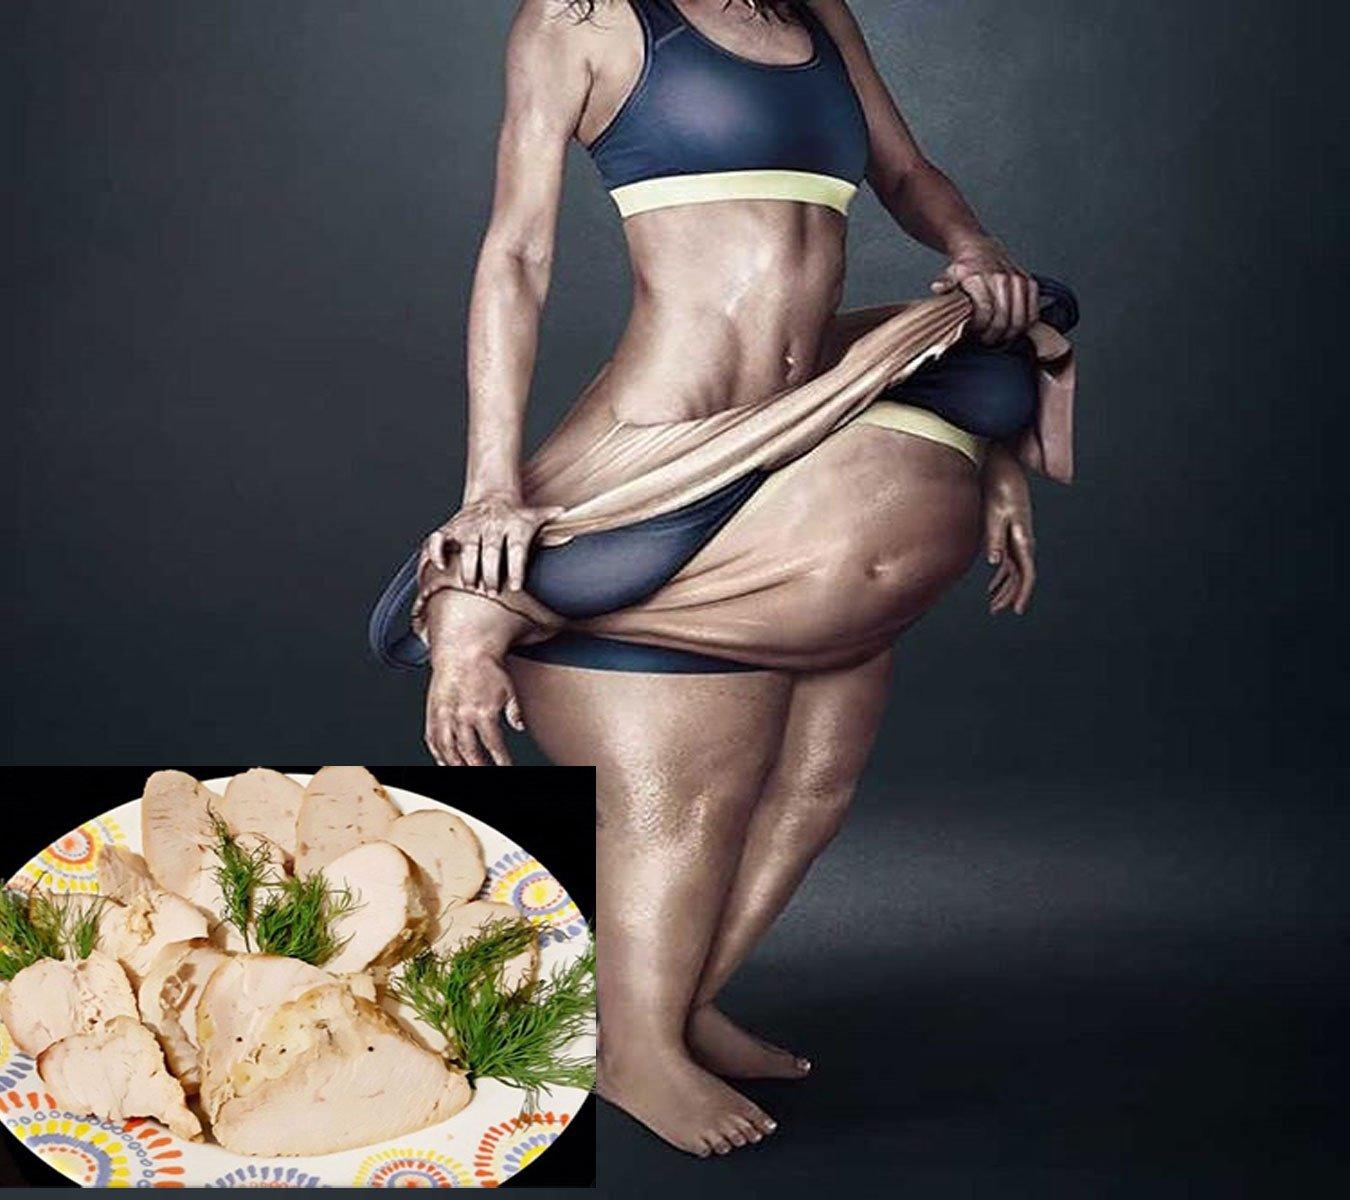 Сжечь Жир В Печени. Жировой гепатоз печени. Как лечить ожирение печени народными средствами.